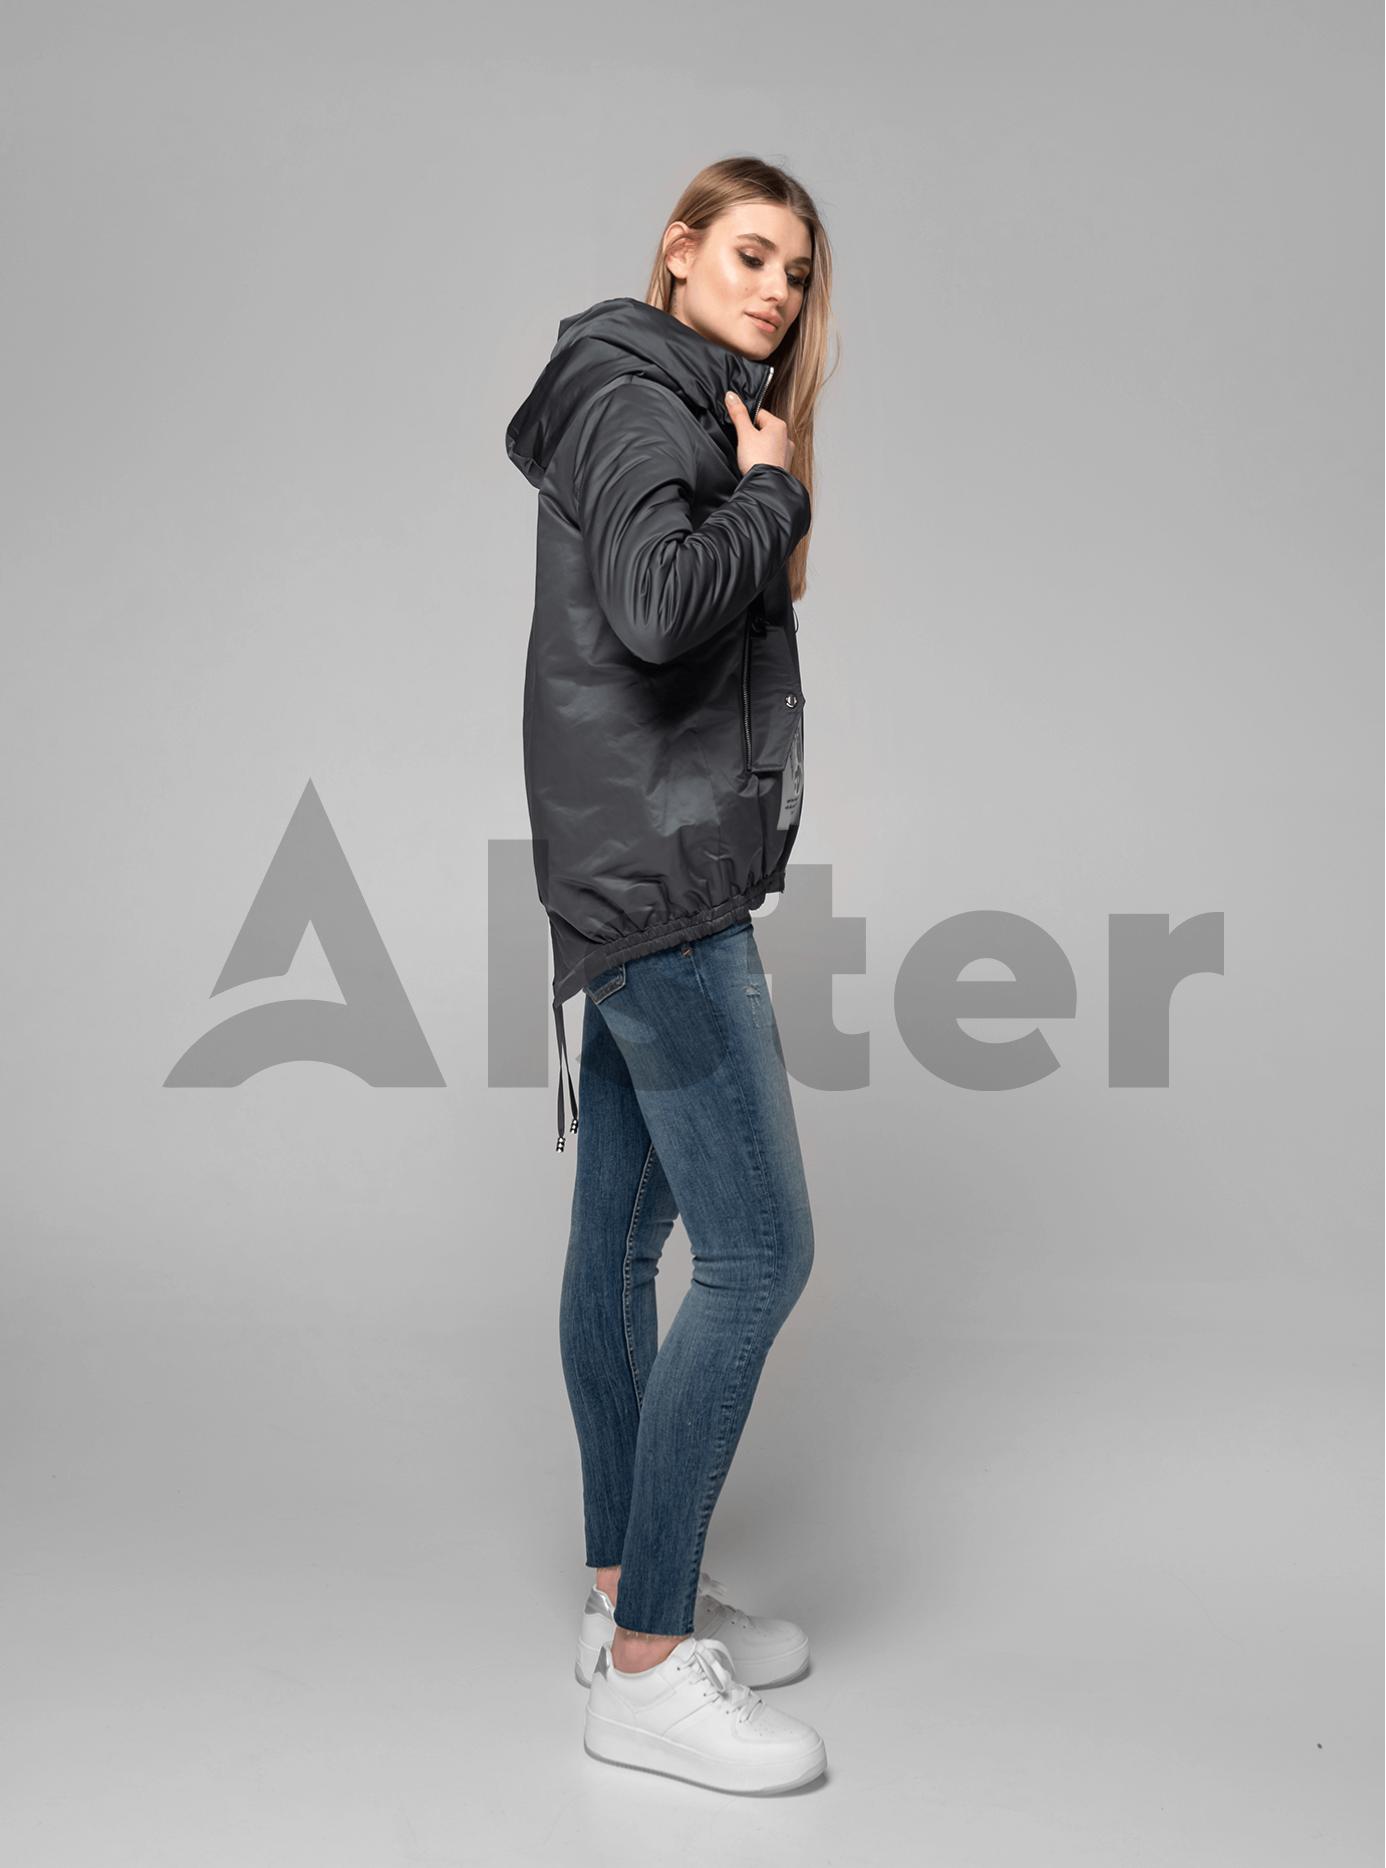 Куртка демисезонная короткая с разрезом на спине Тёмно-серый M (02-V191079): фото - Alster.ua